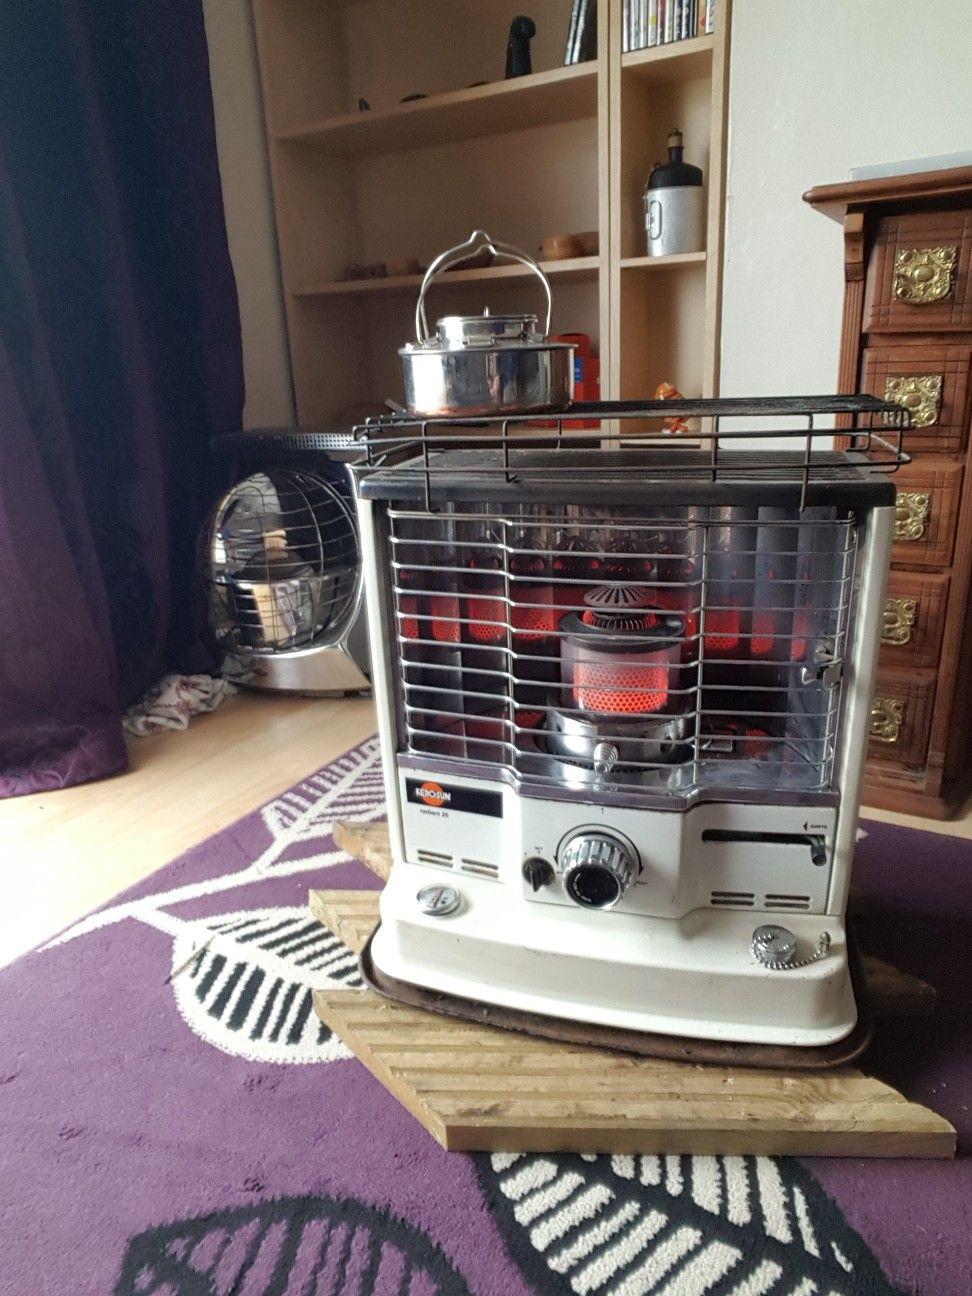 Pin by Cliff LeeBuechel on kerosene heaters Kerosene